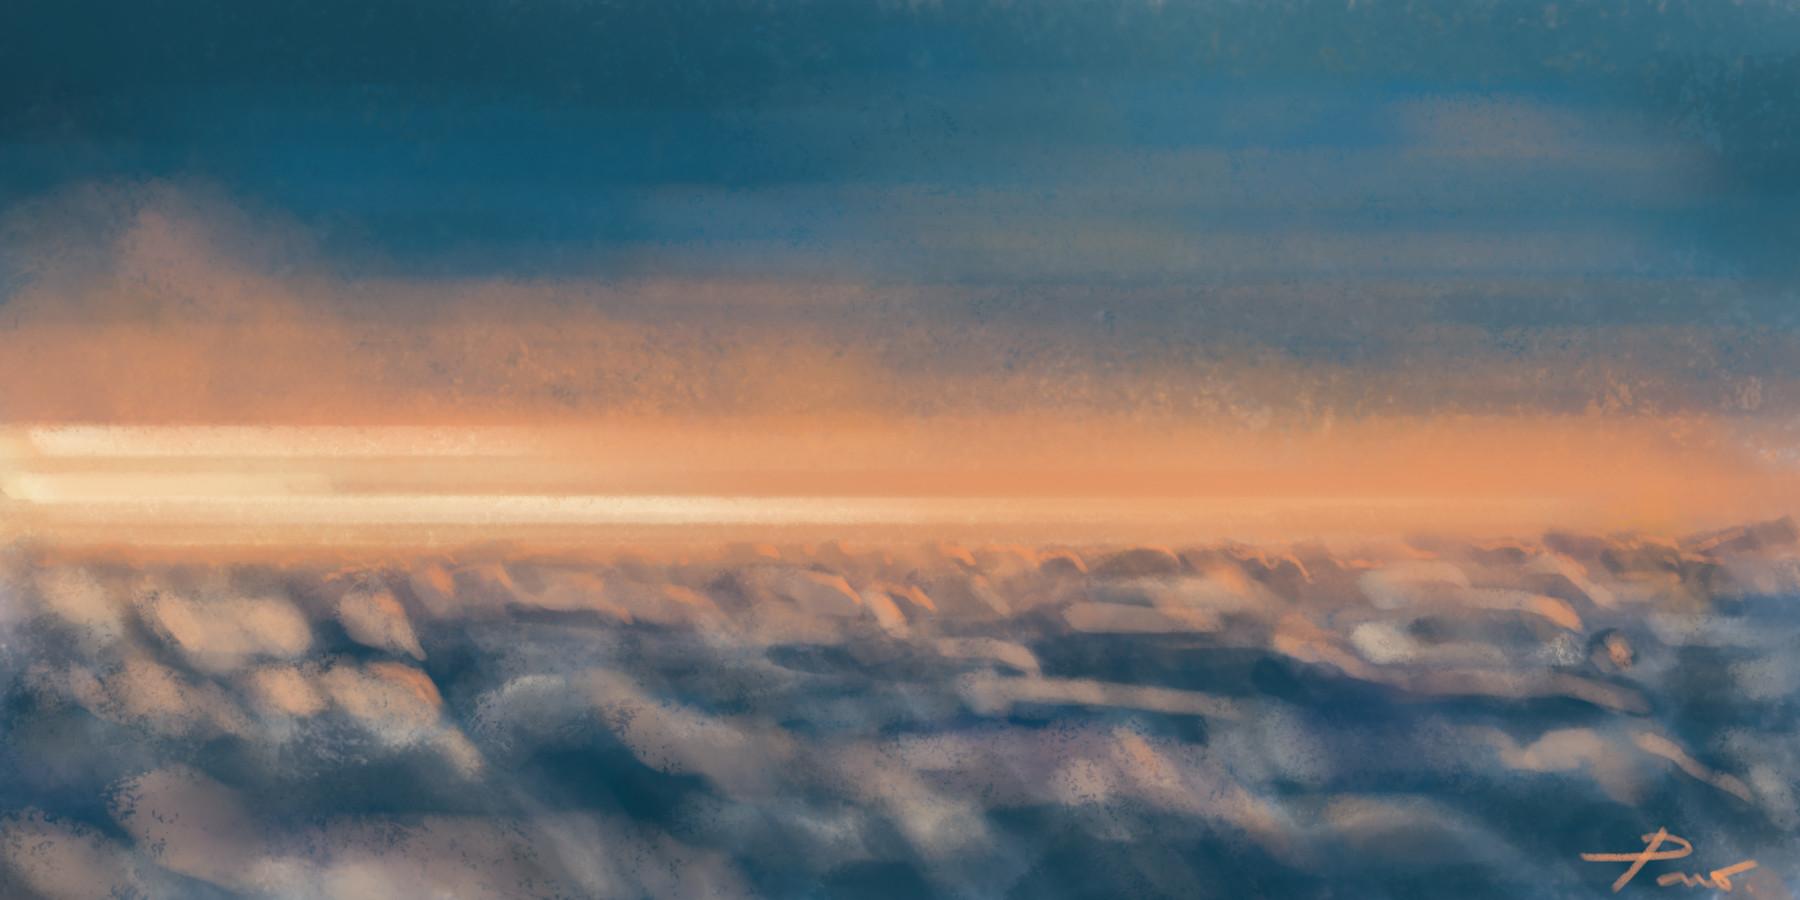 Malaink s sky2